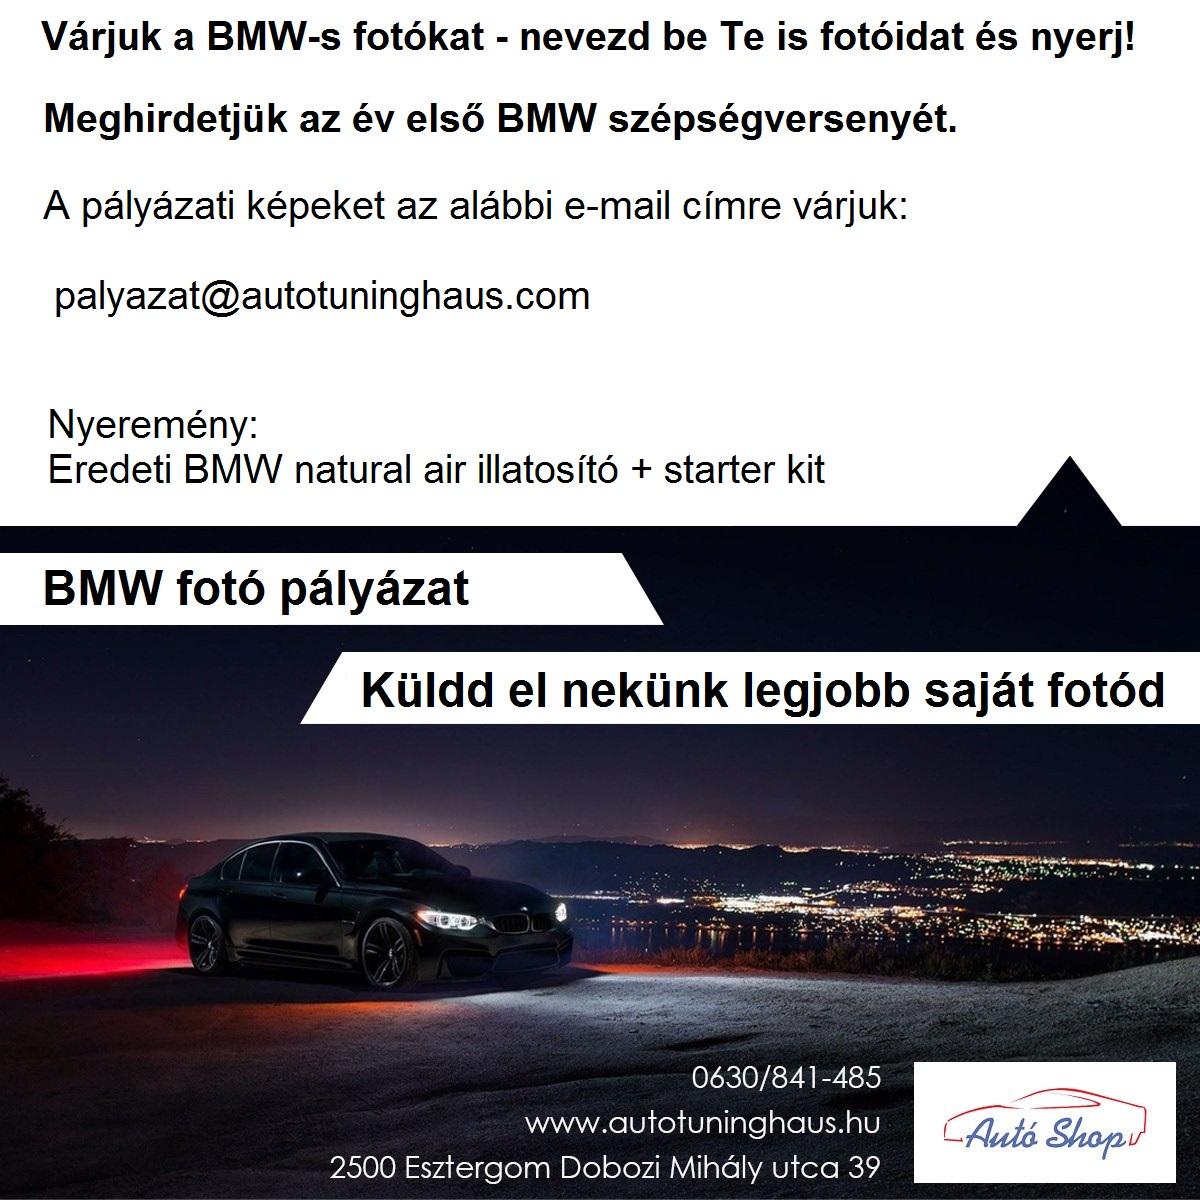 BMW fotó pályázat